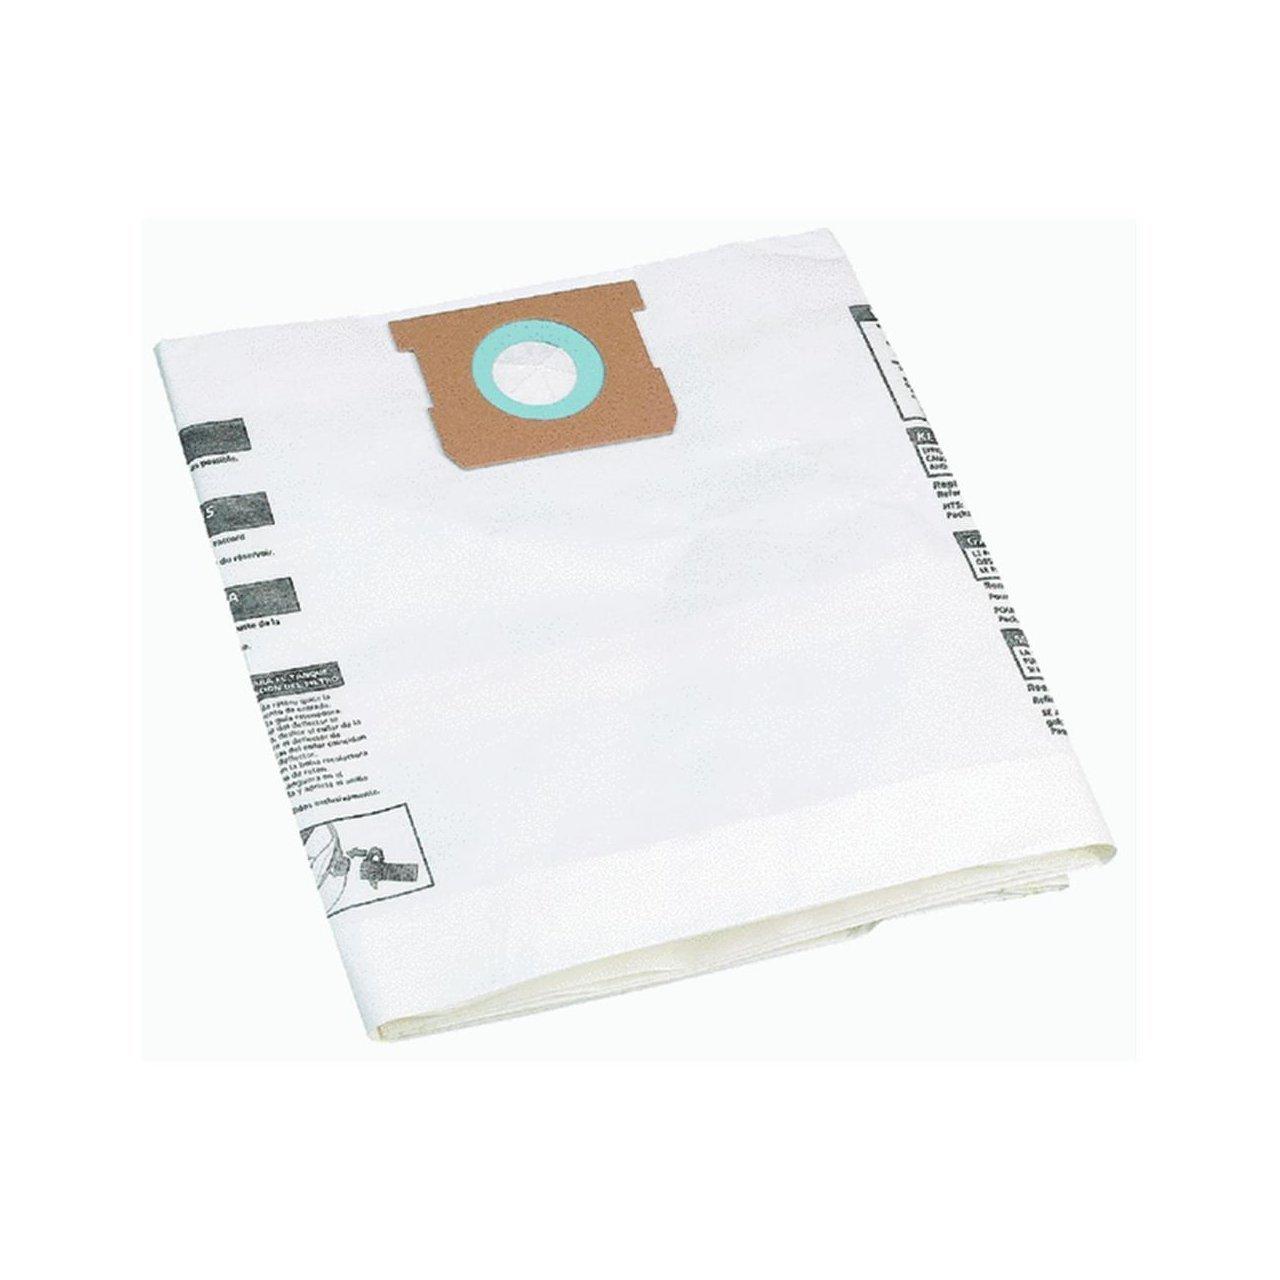 6 Shop Vac 10-14 Gallon Disposable Collection Bag, Genuine OEM Part 906-62-00 by Shop-Vac